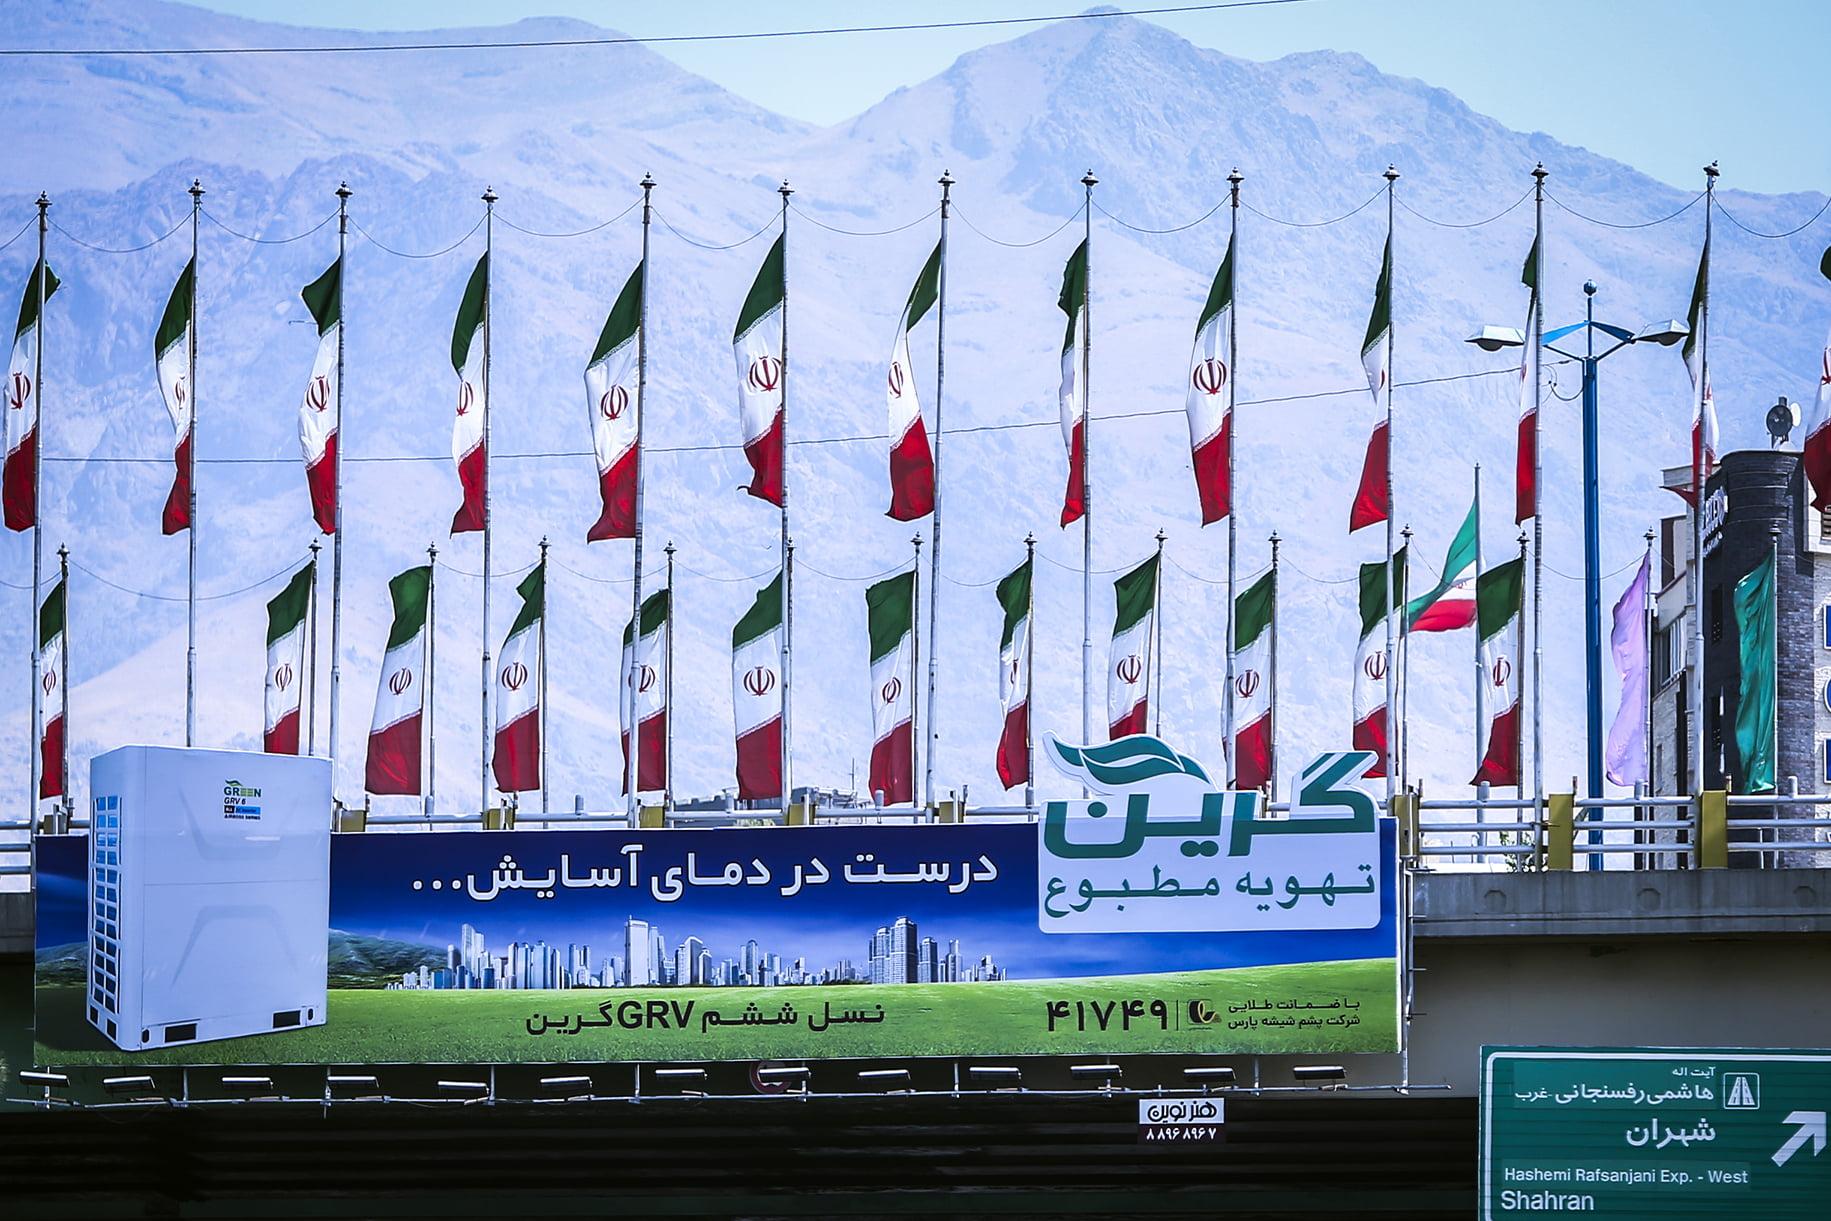 بیلبورد تبلیغاتی گرین در تهران